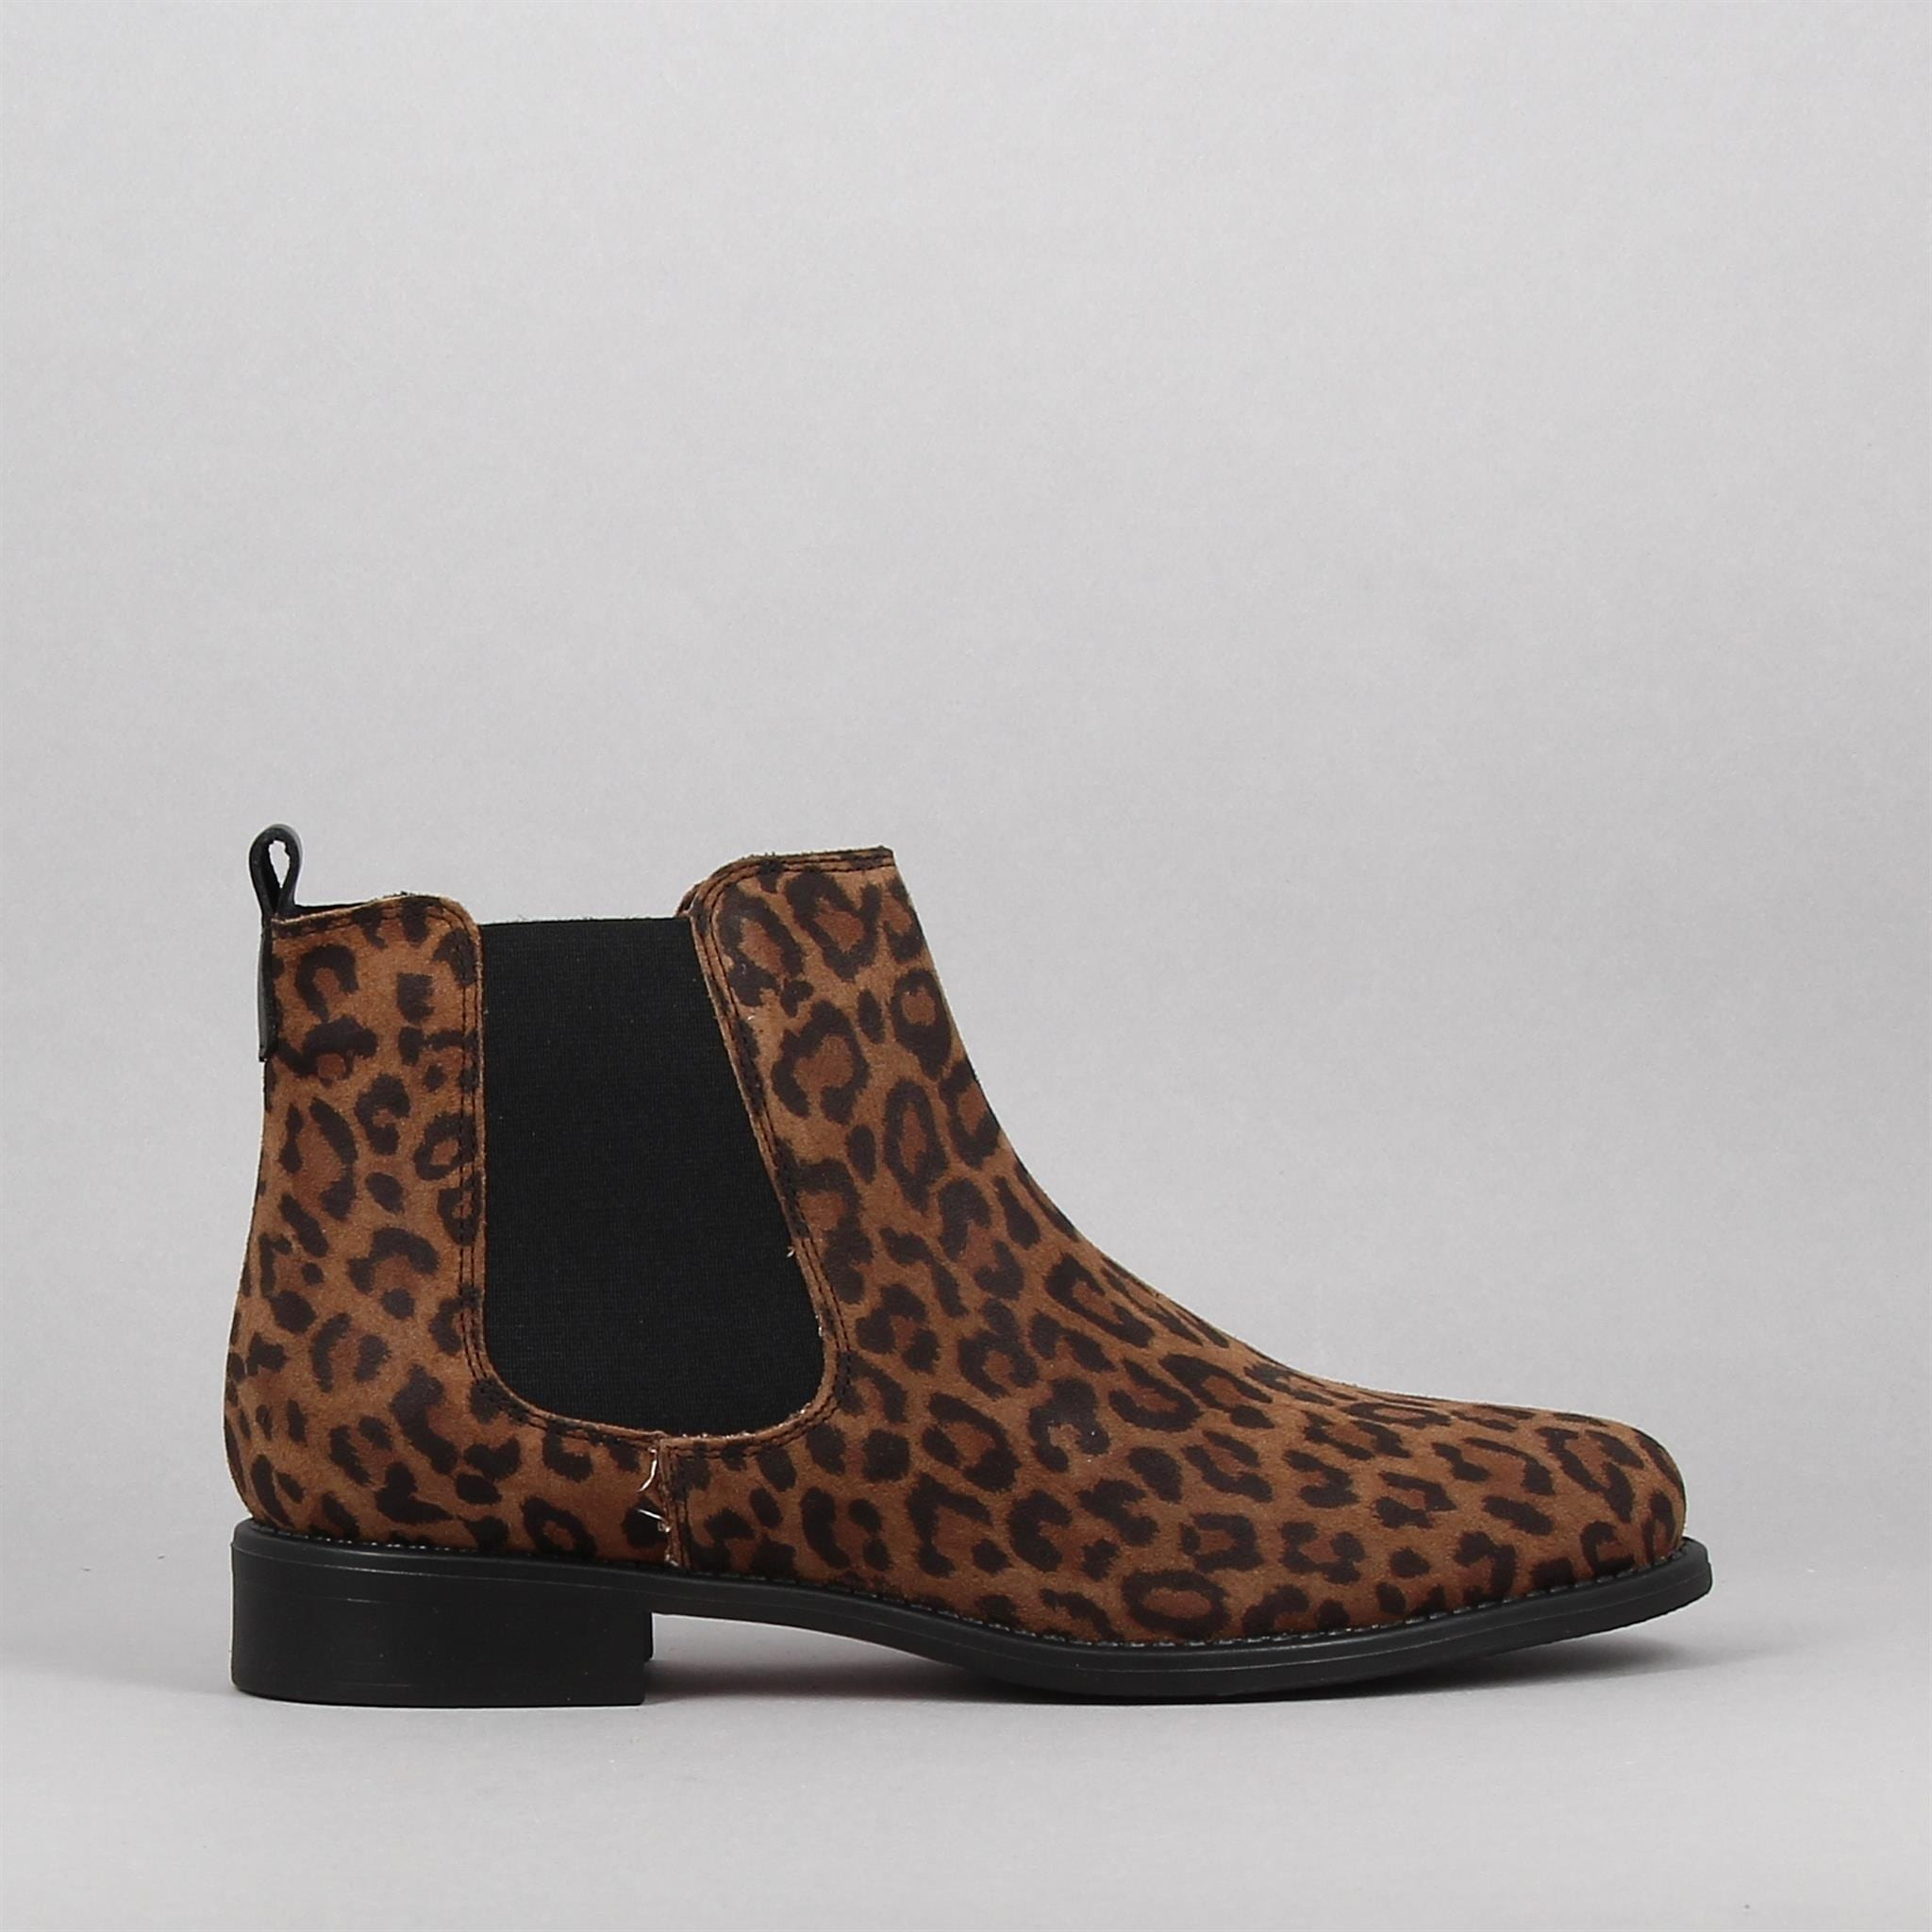 77545ap-leopard-770055-0.jpg